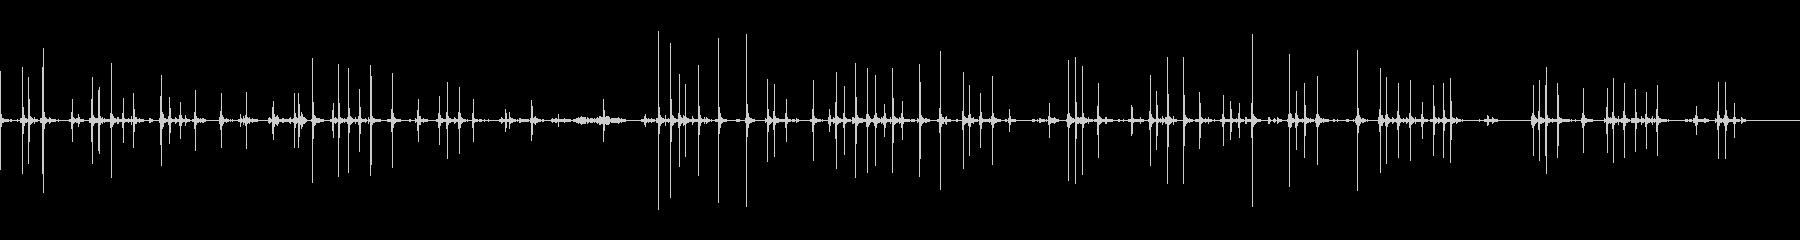 タイプライター古いアンティークdの未再生の波形